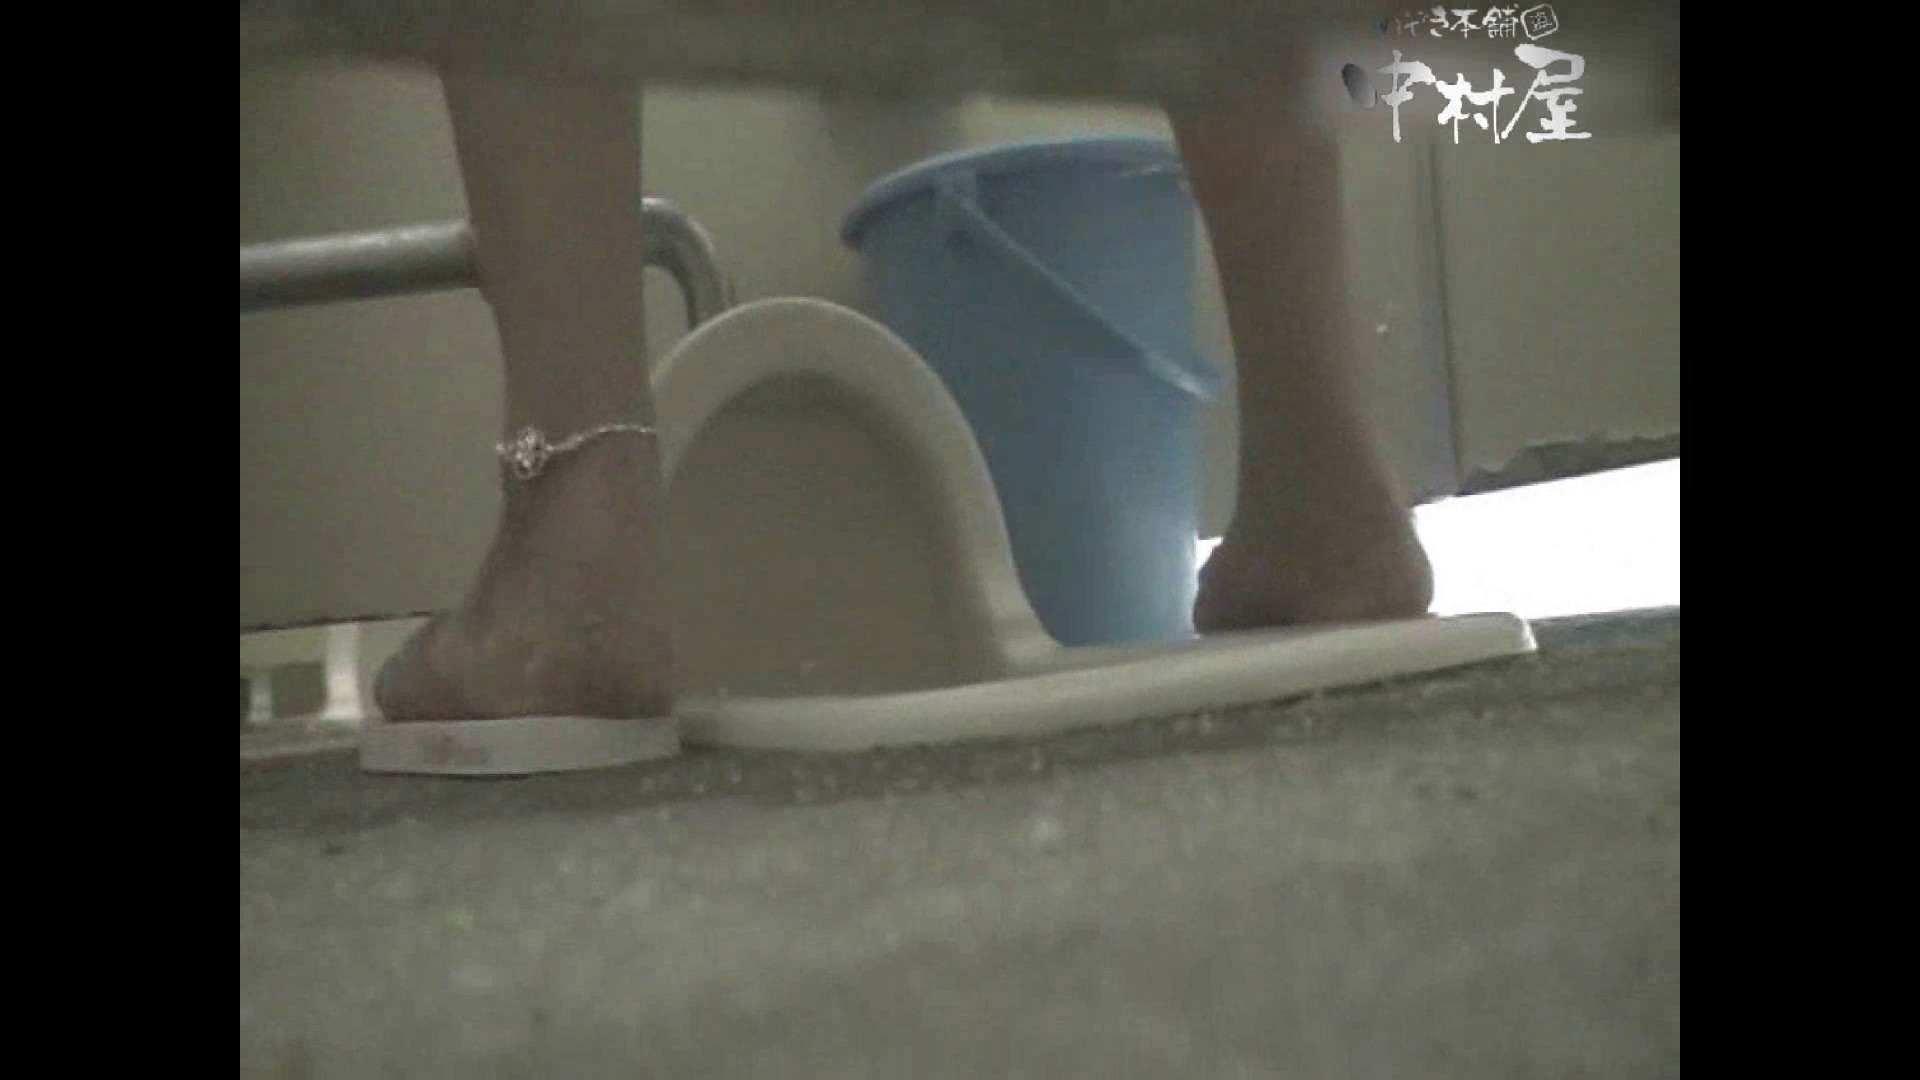 岩手県在住盗撮師盗撮記録vol.18 ハプニング映像 | マンコエロすぎ  98PIX 36